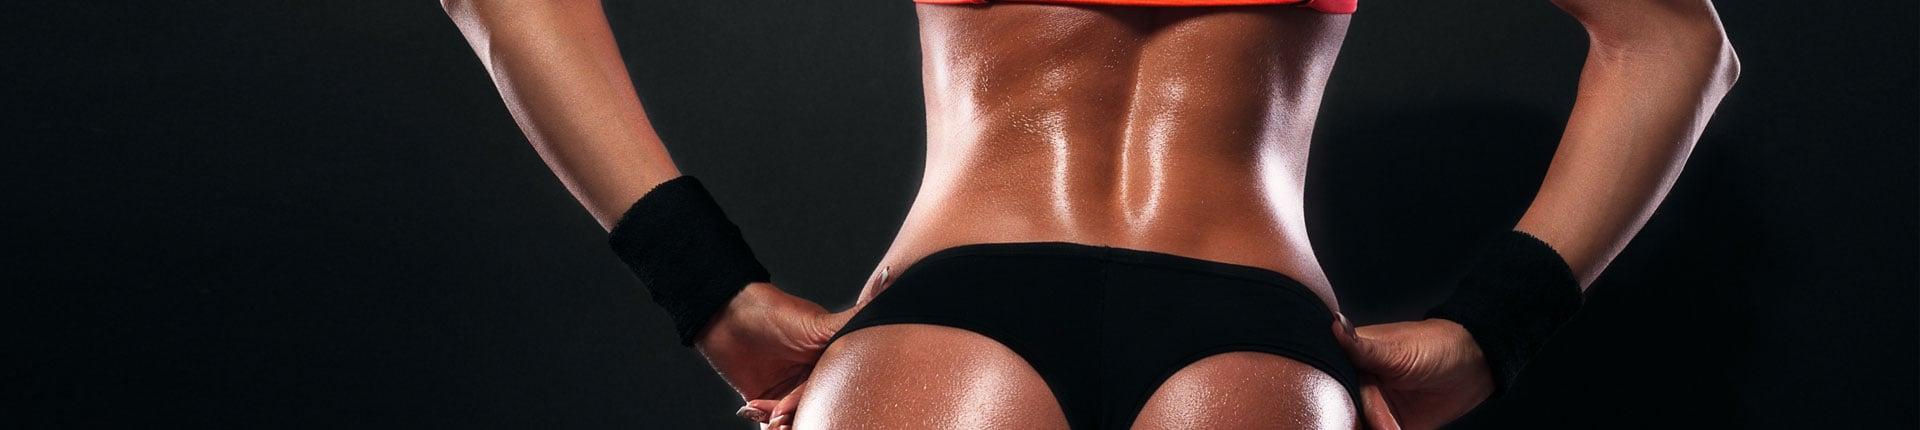 Jaka dieta spala tkankę tłuszczową, kiedy spalamy tłuszcz?